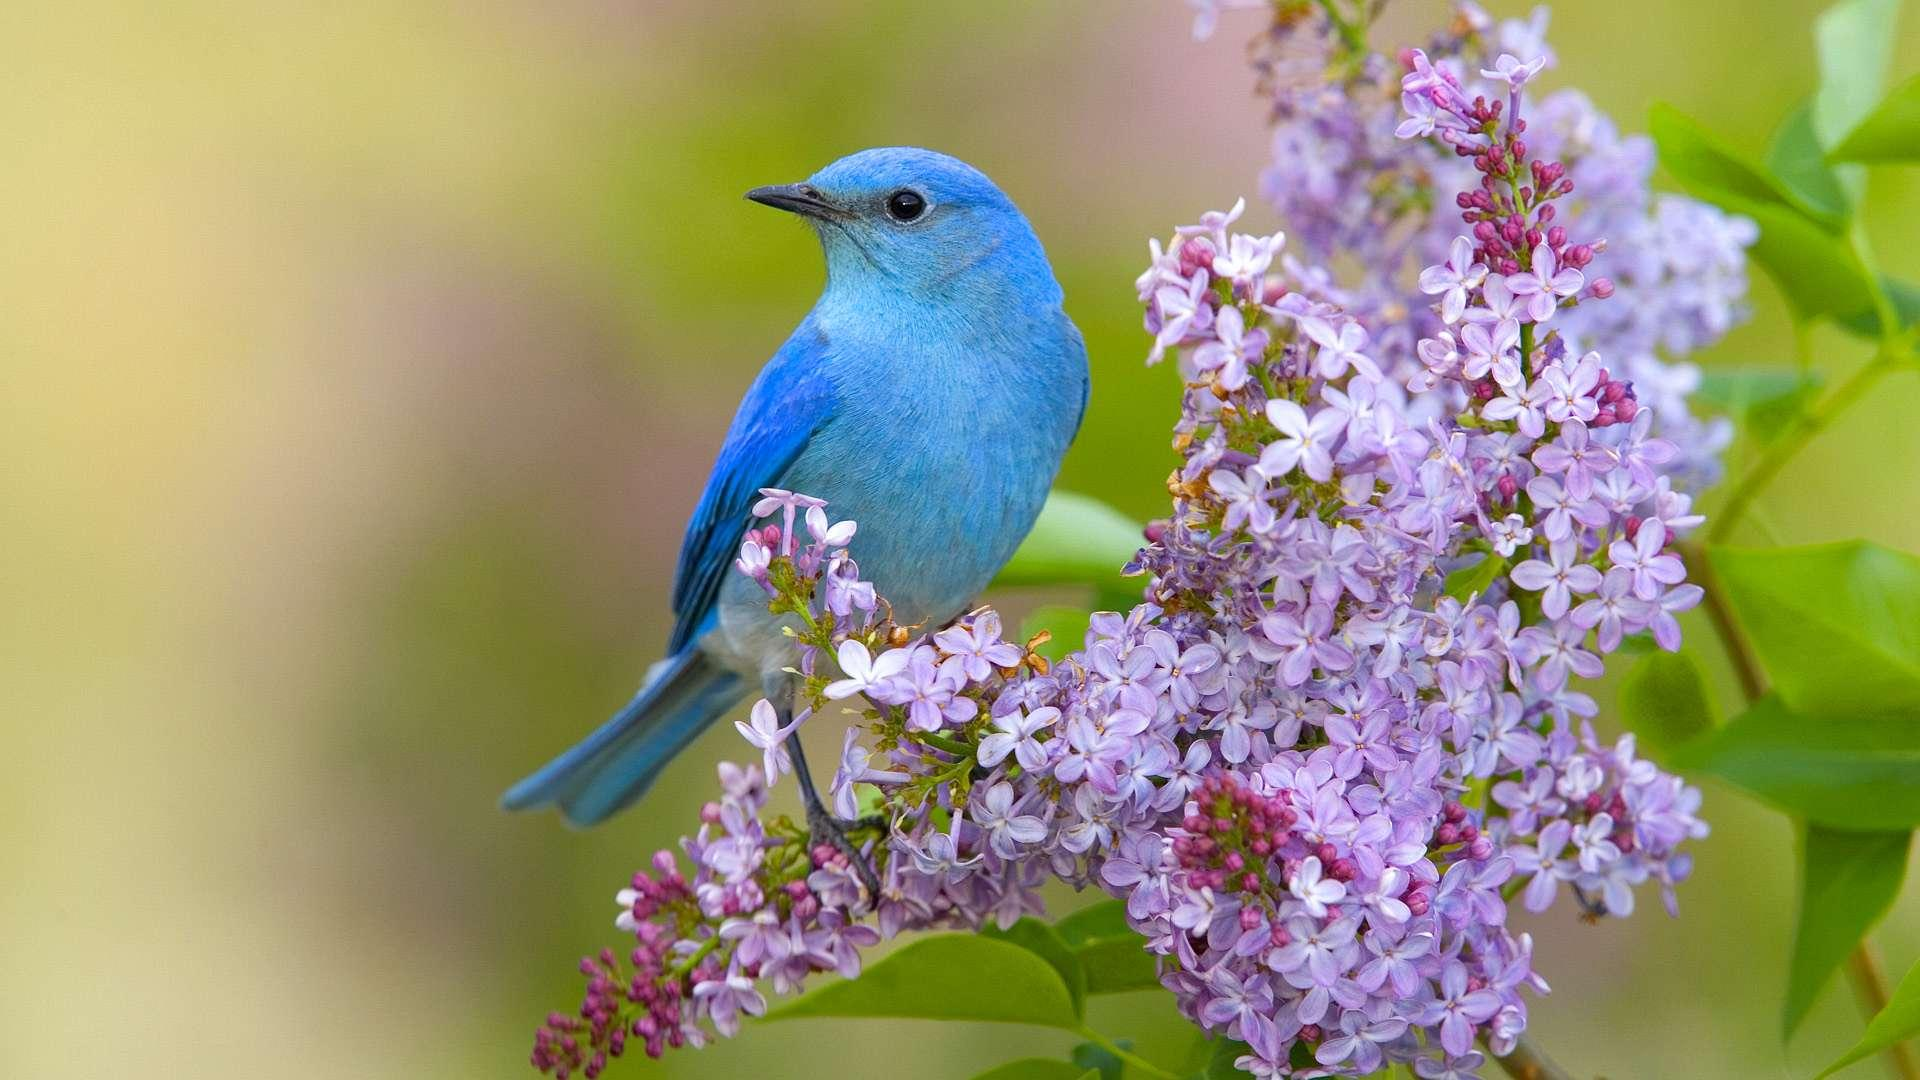 بالصور صور بلابل , صور بلابل والعصافير جميلة 5790 2